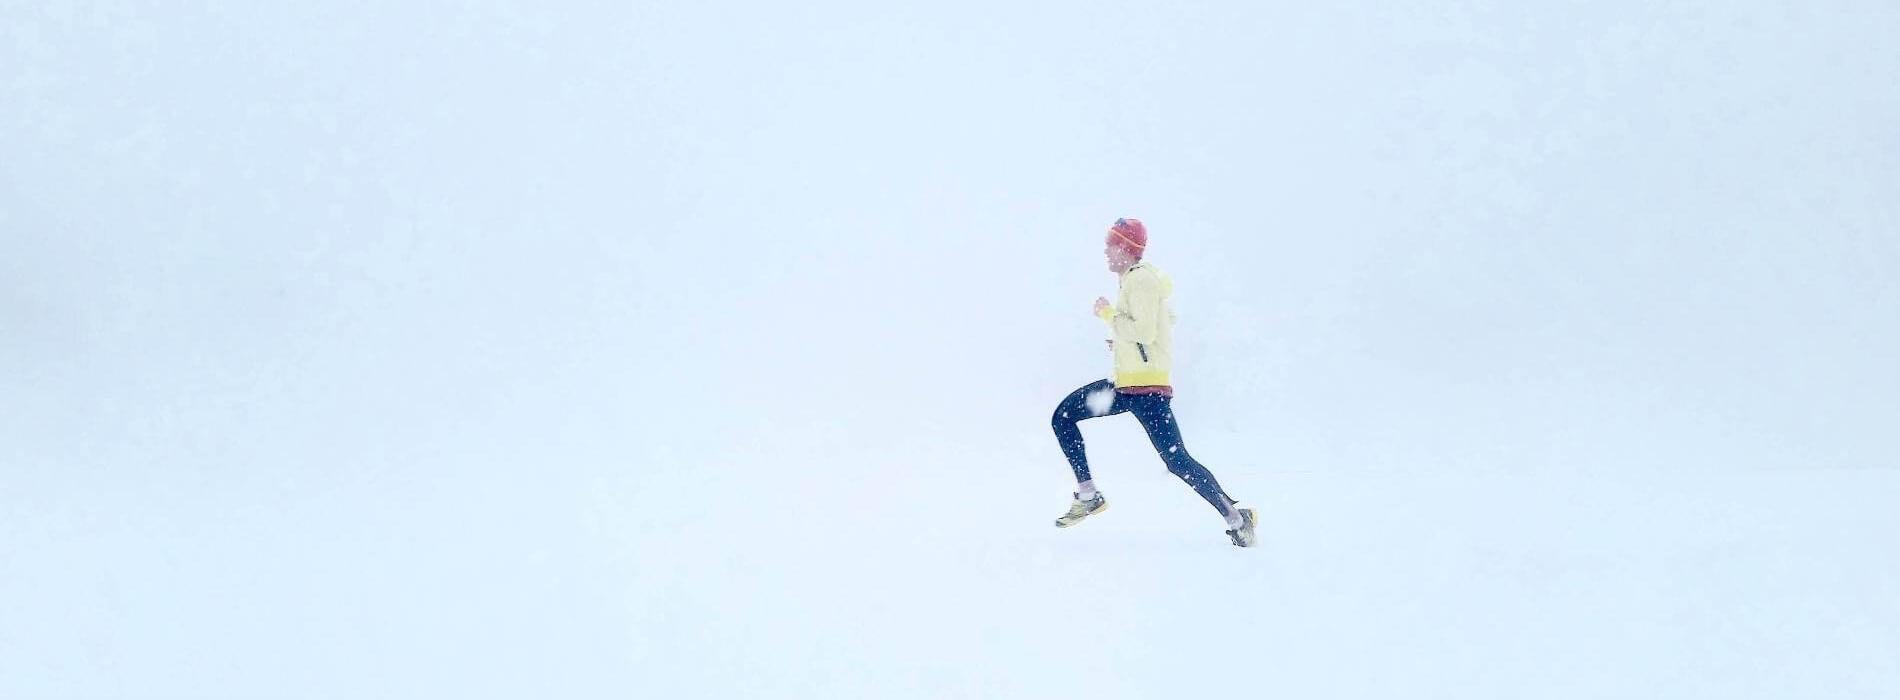 Laufen im Winter? Na klar!